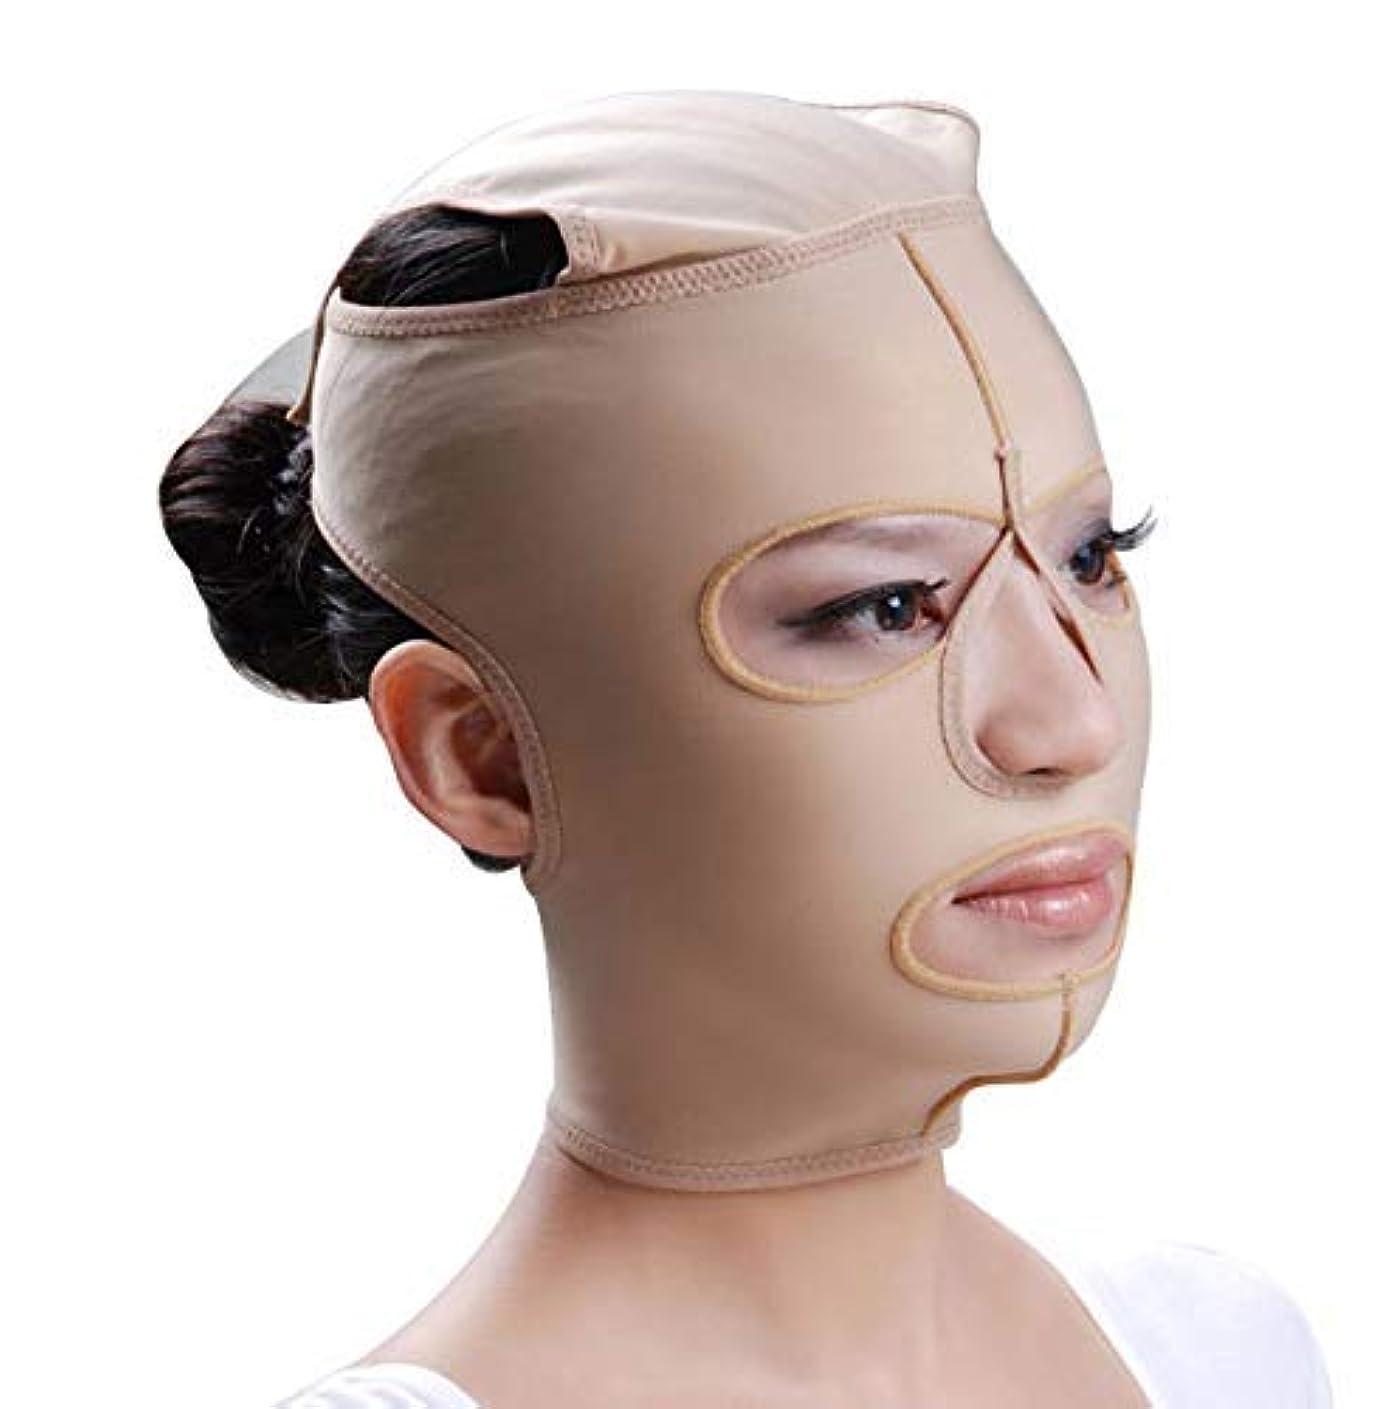 仲間主人離れたファーミングフェイスマスク、フェイシャルマスクエラスティックフェイスリフティングリフティングファーミングパターンマイクロフィニッシングポストモデリングコンプレッションフェイスマスク(サイズ:S),M